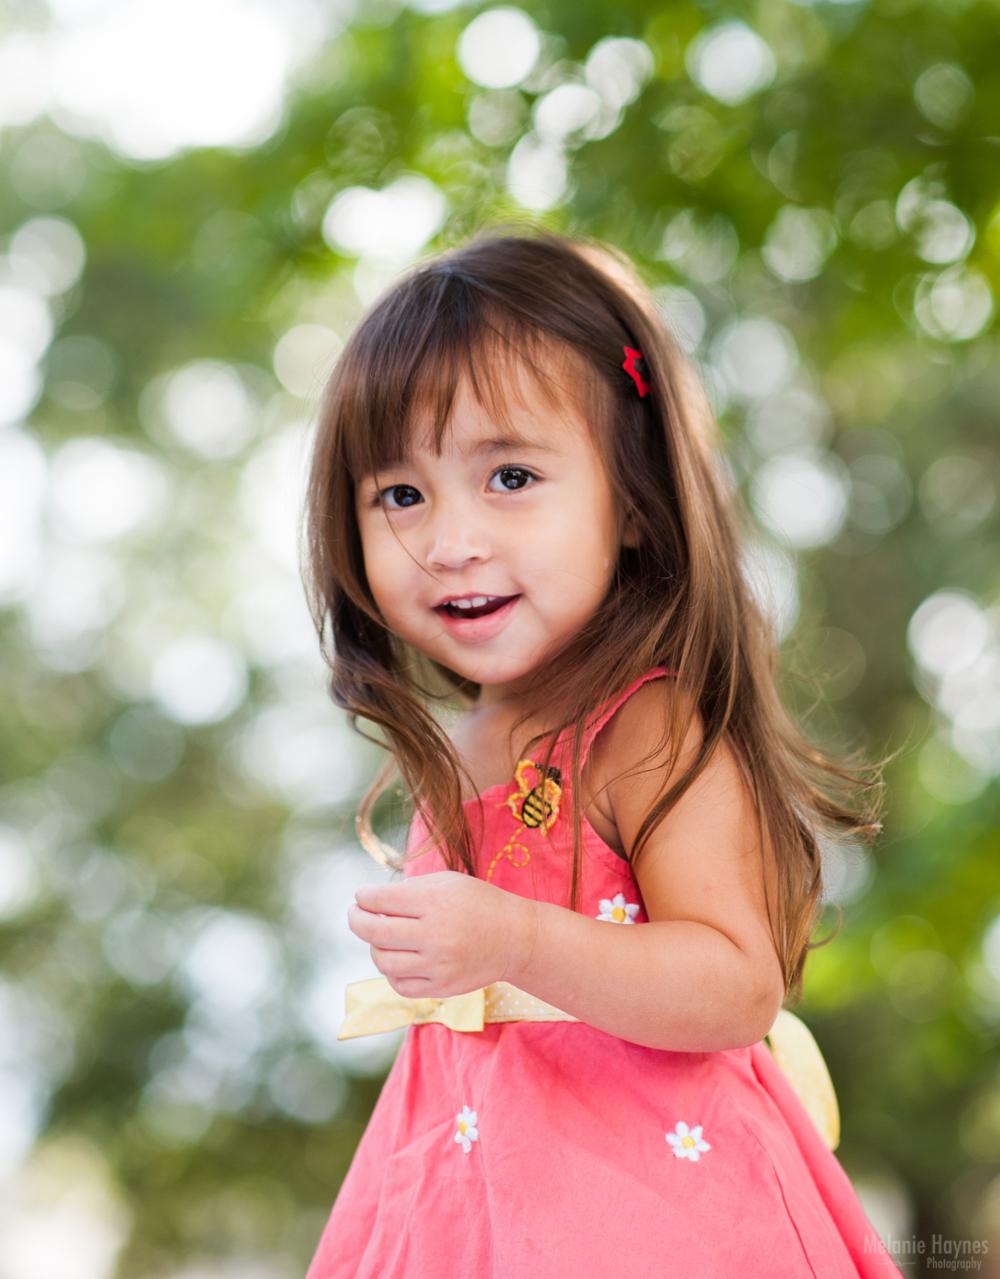 mhaynesphoto_childrensphotography_j4